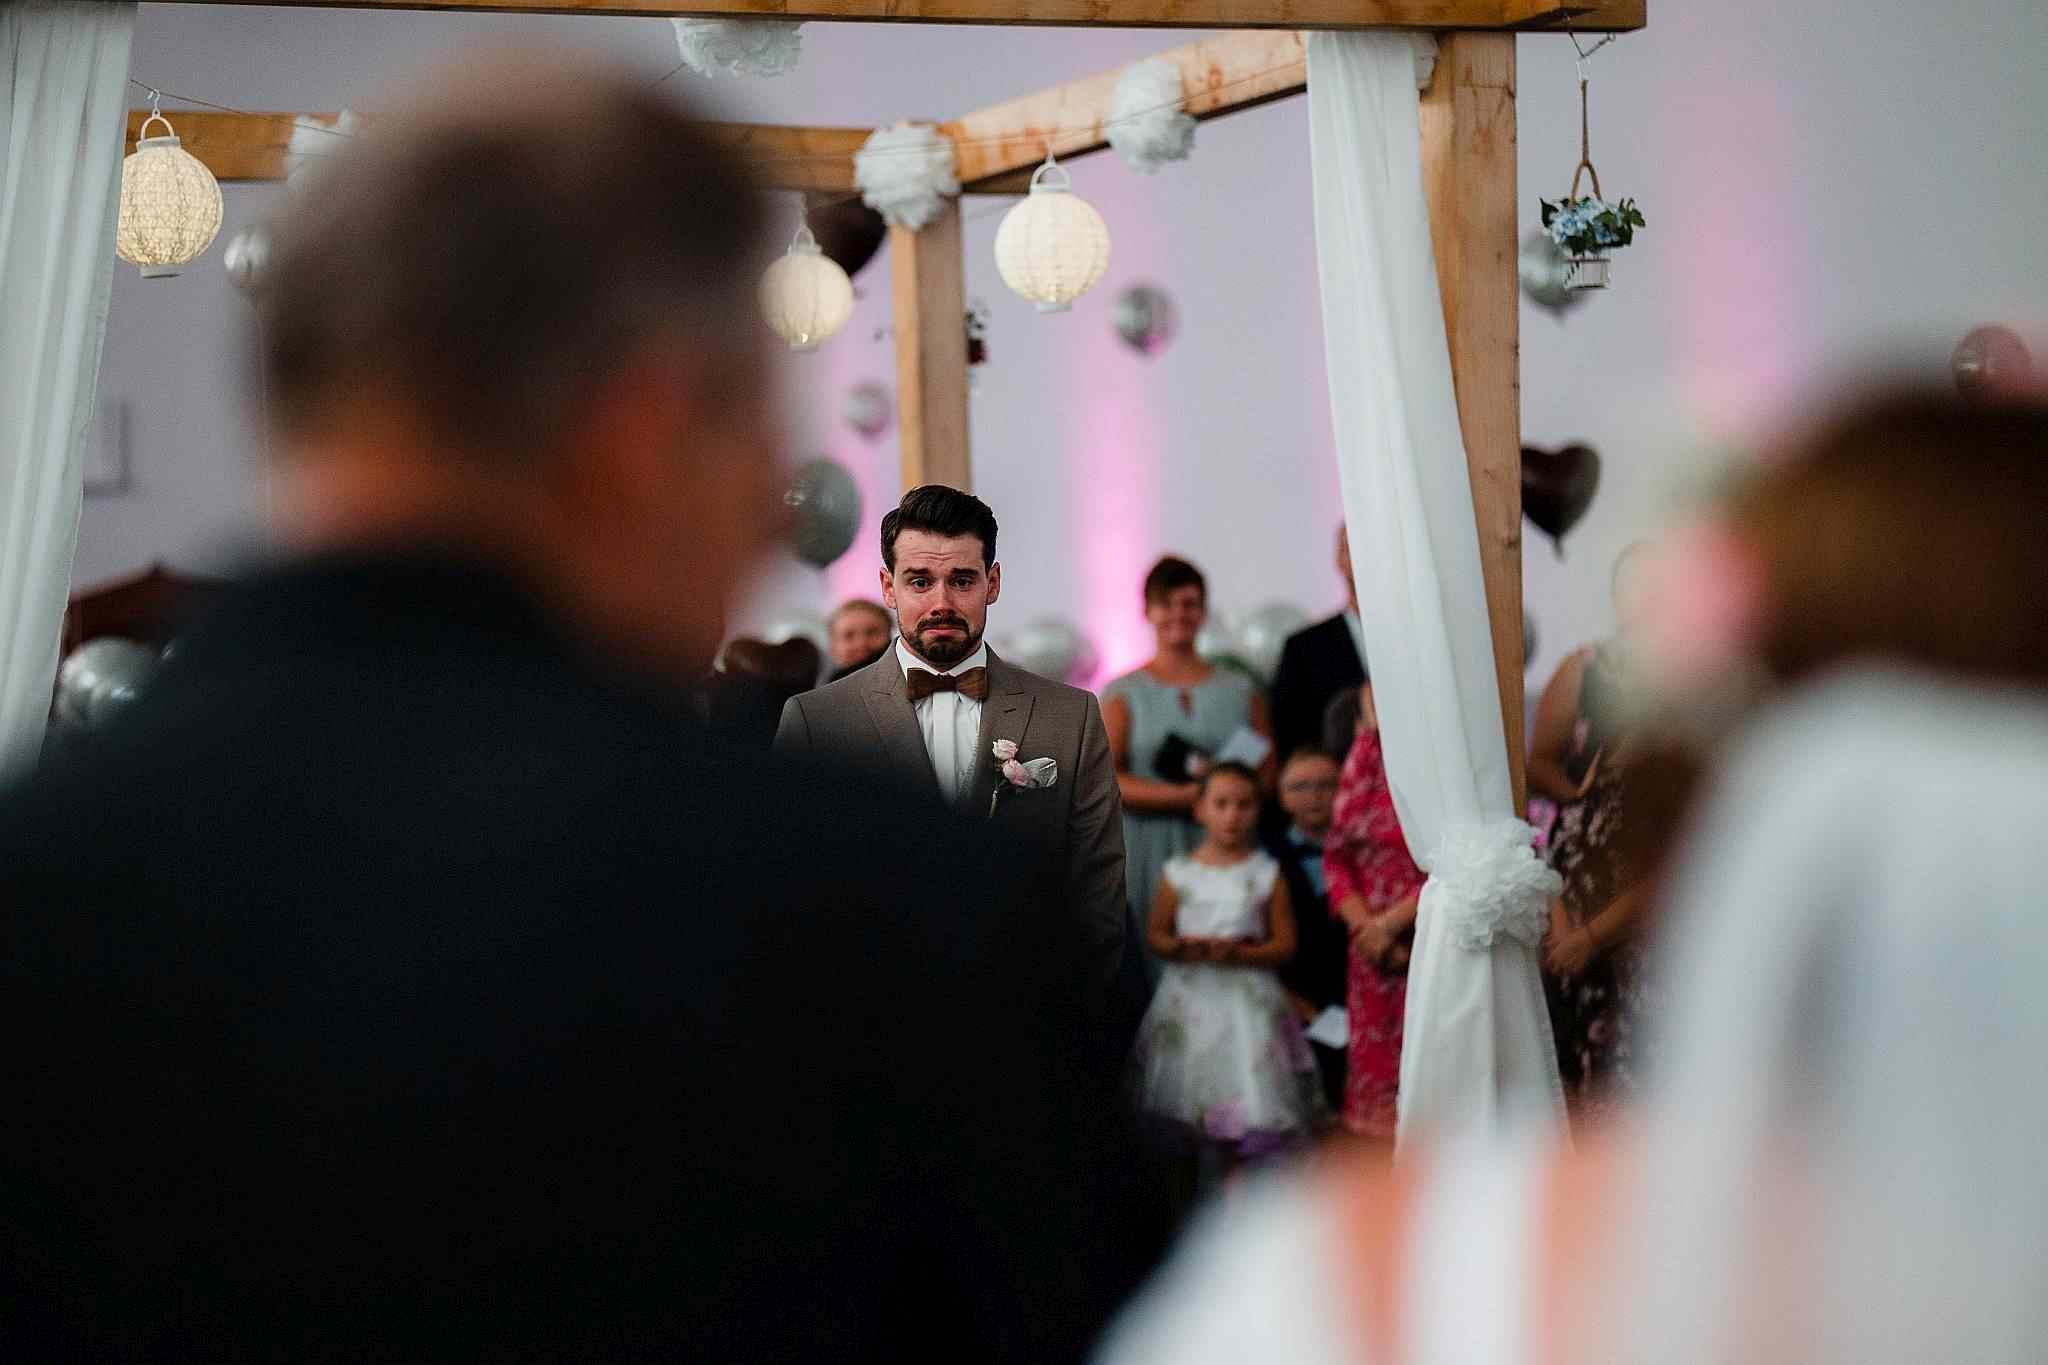 Der Bräutigam sieht seine Braut zum ersten mal